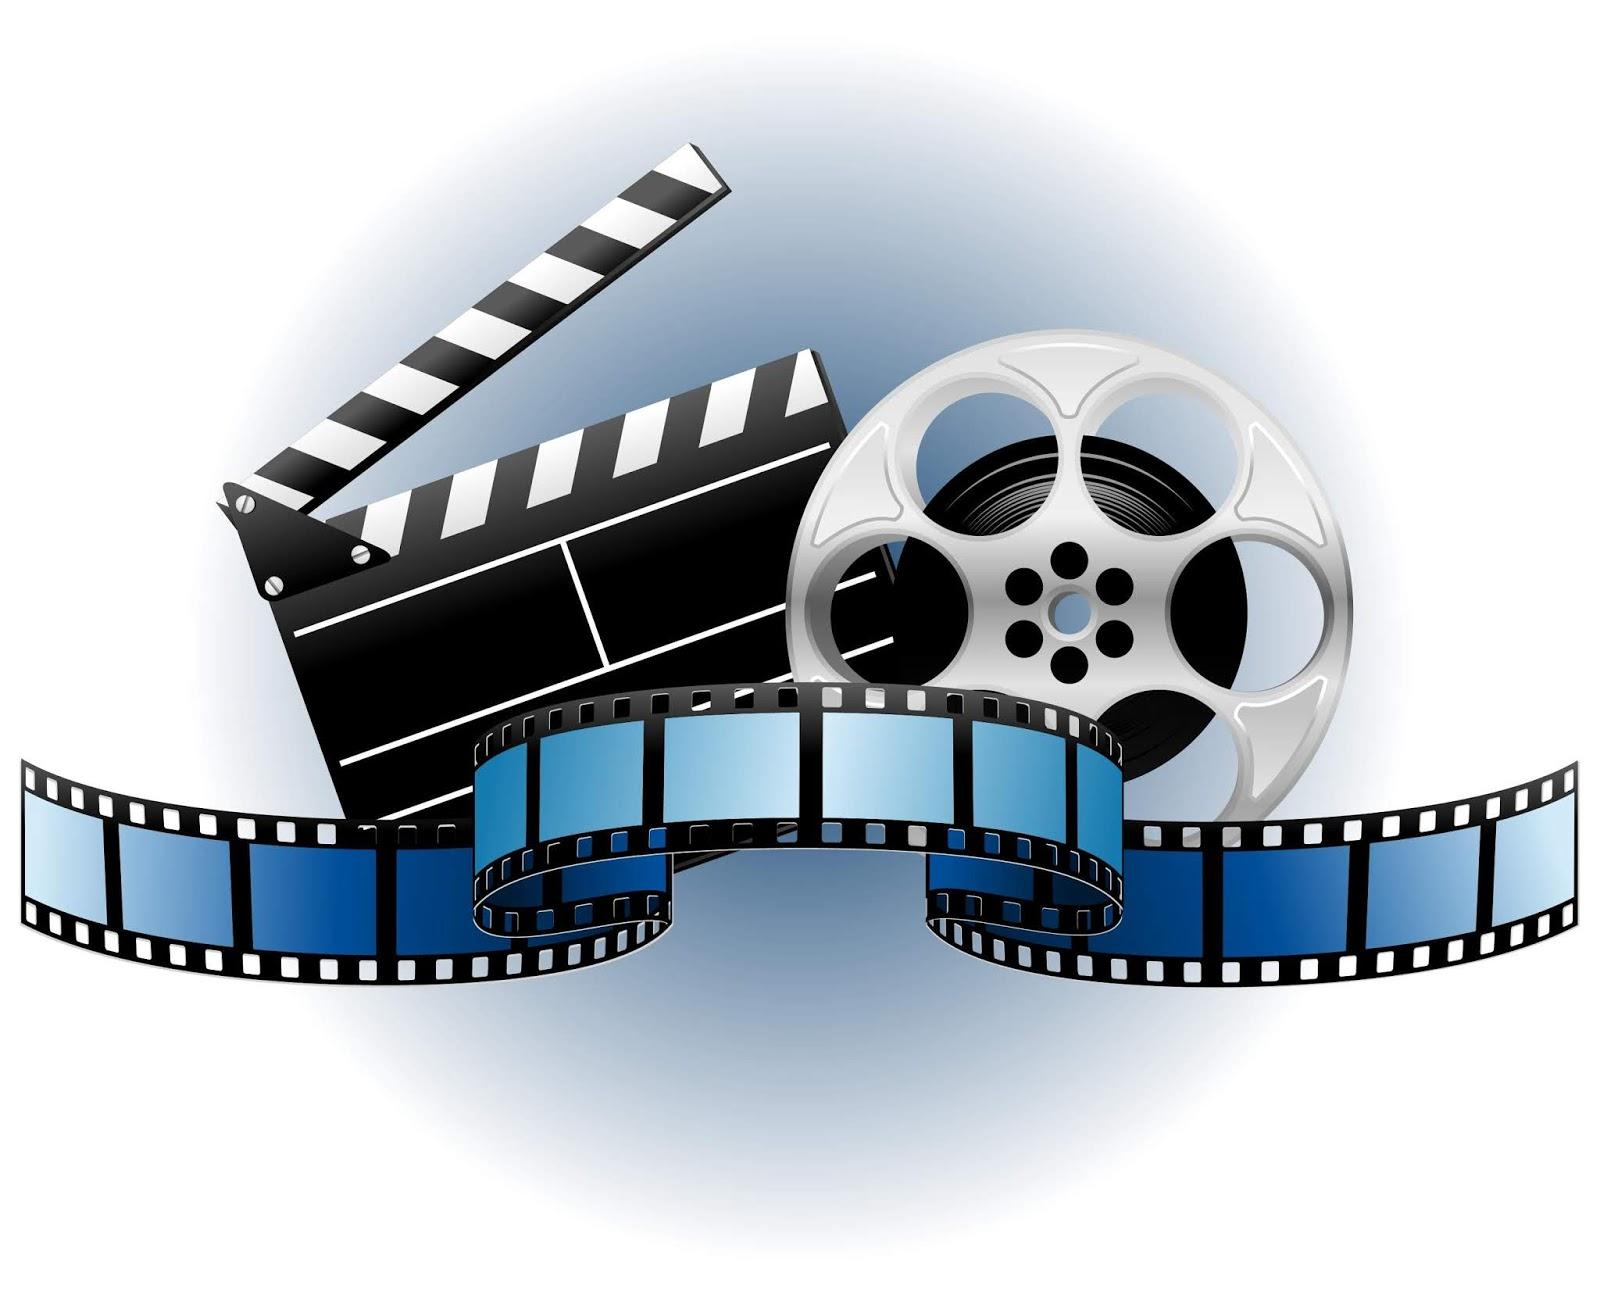 Imagen de un largometraje